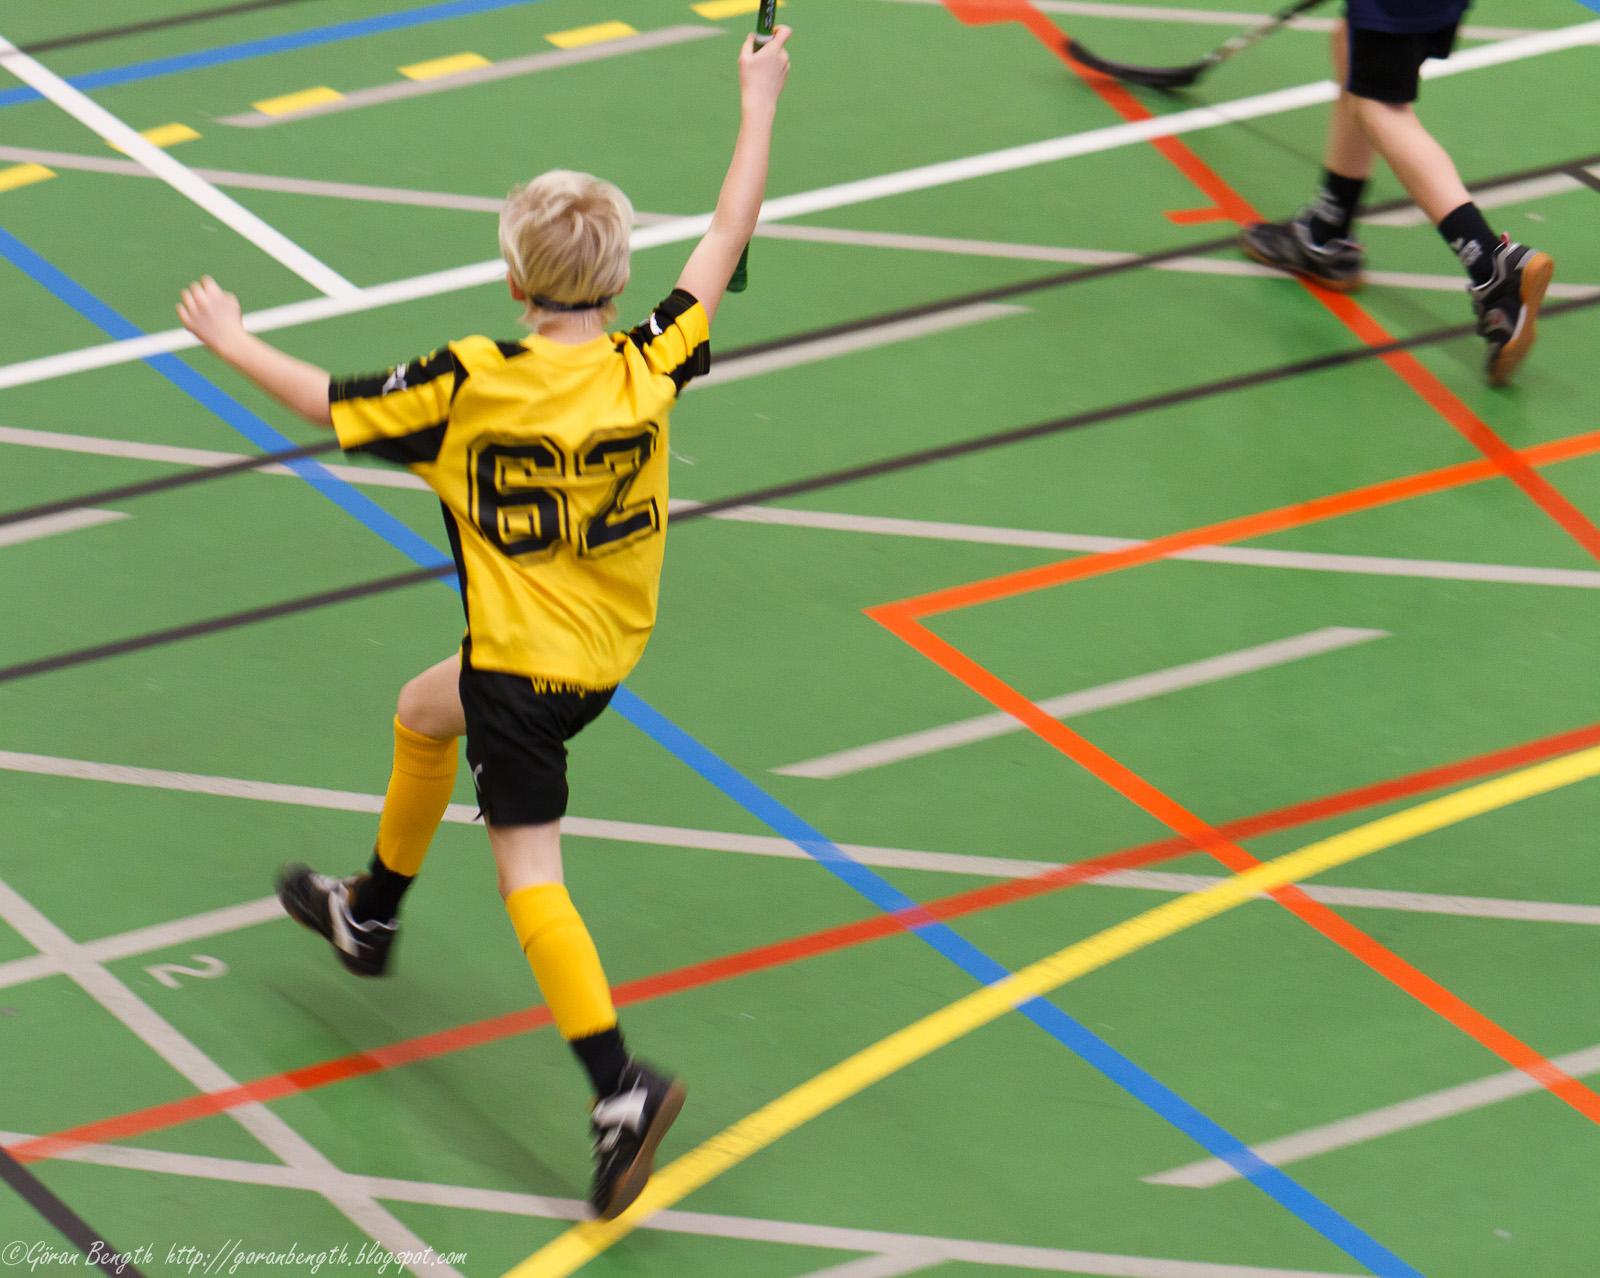 Göran Bength - foto: Innebandy knattespelen 19/12, Lugnet, Falun